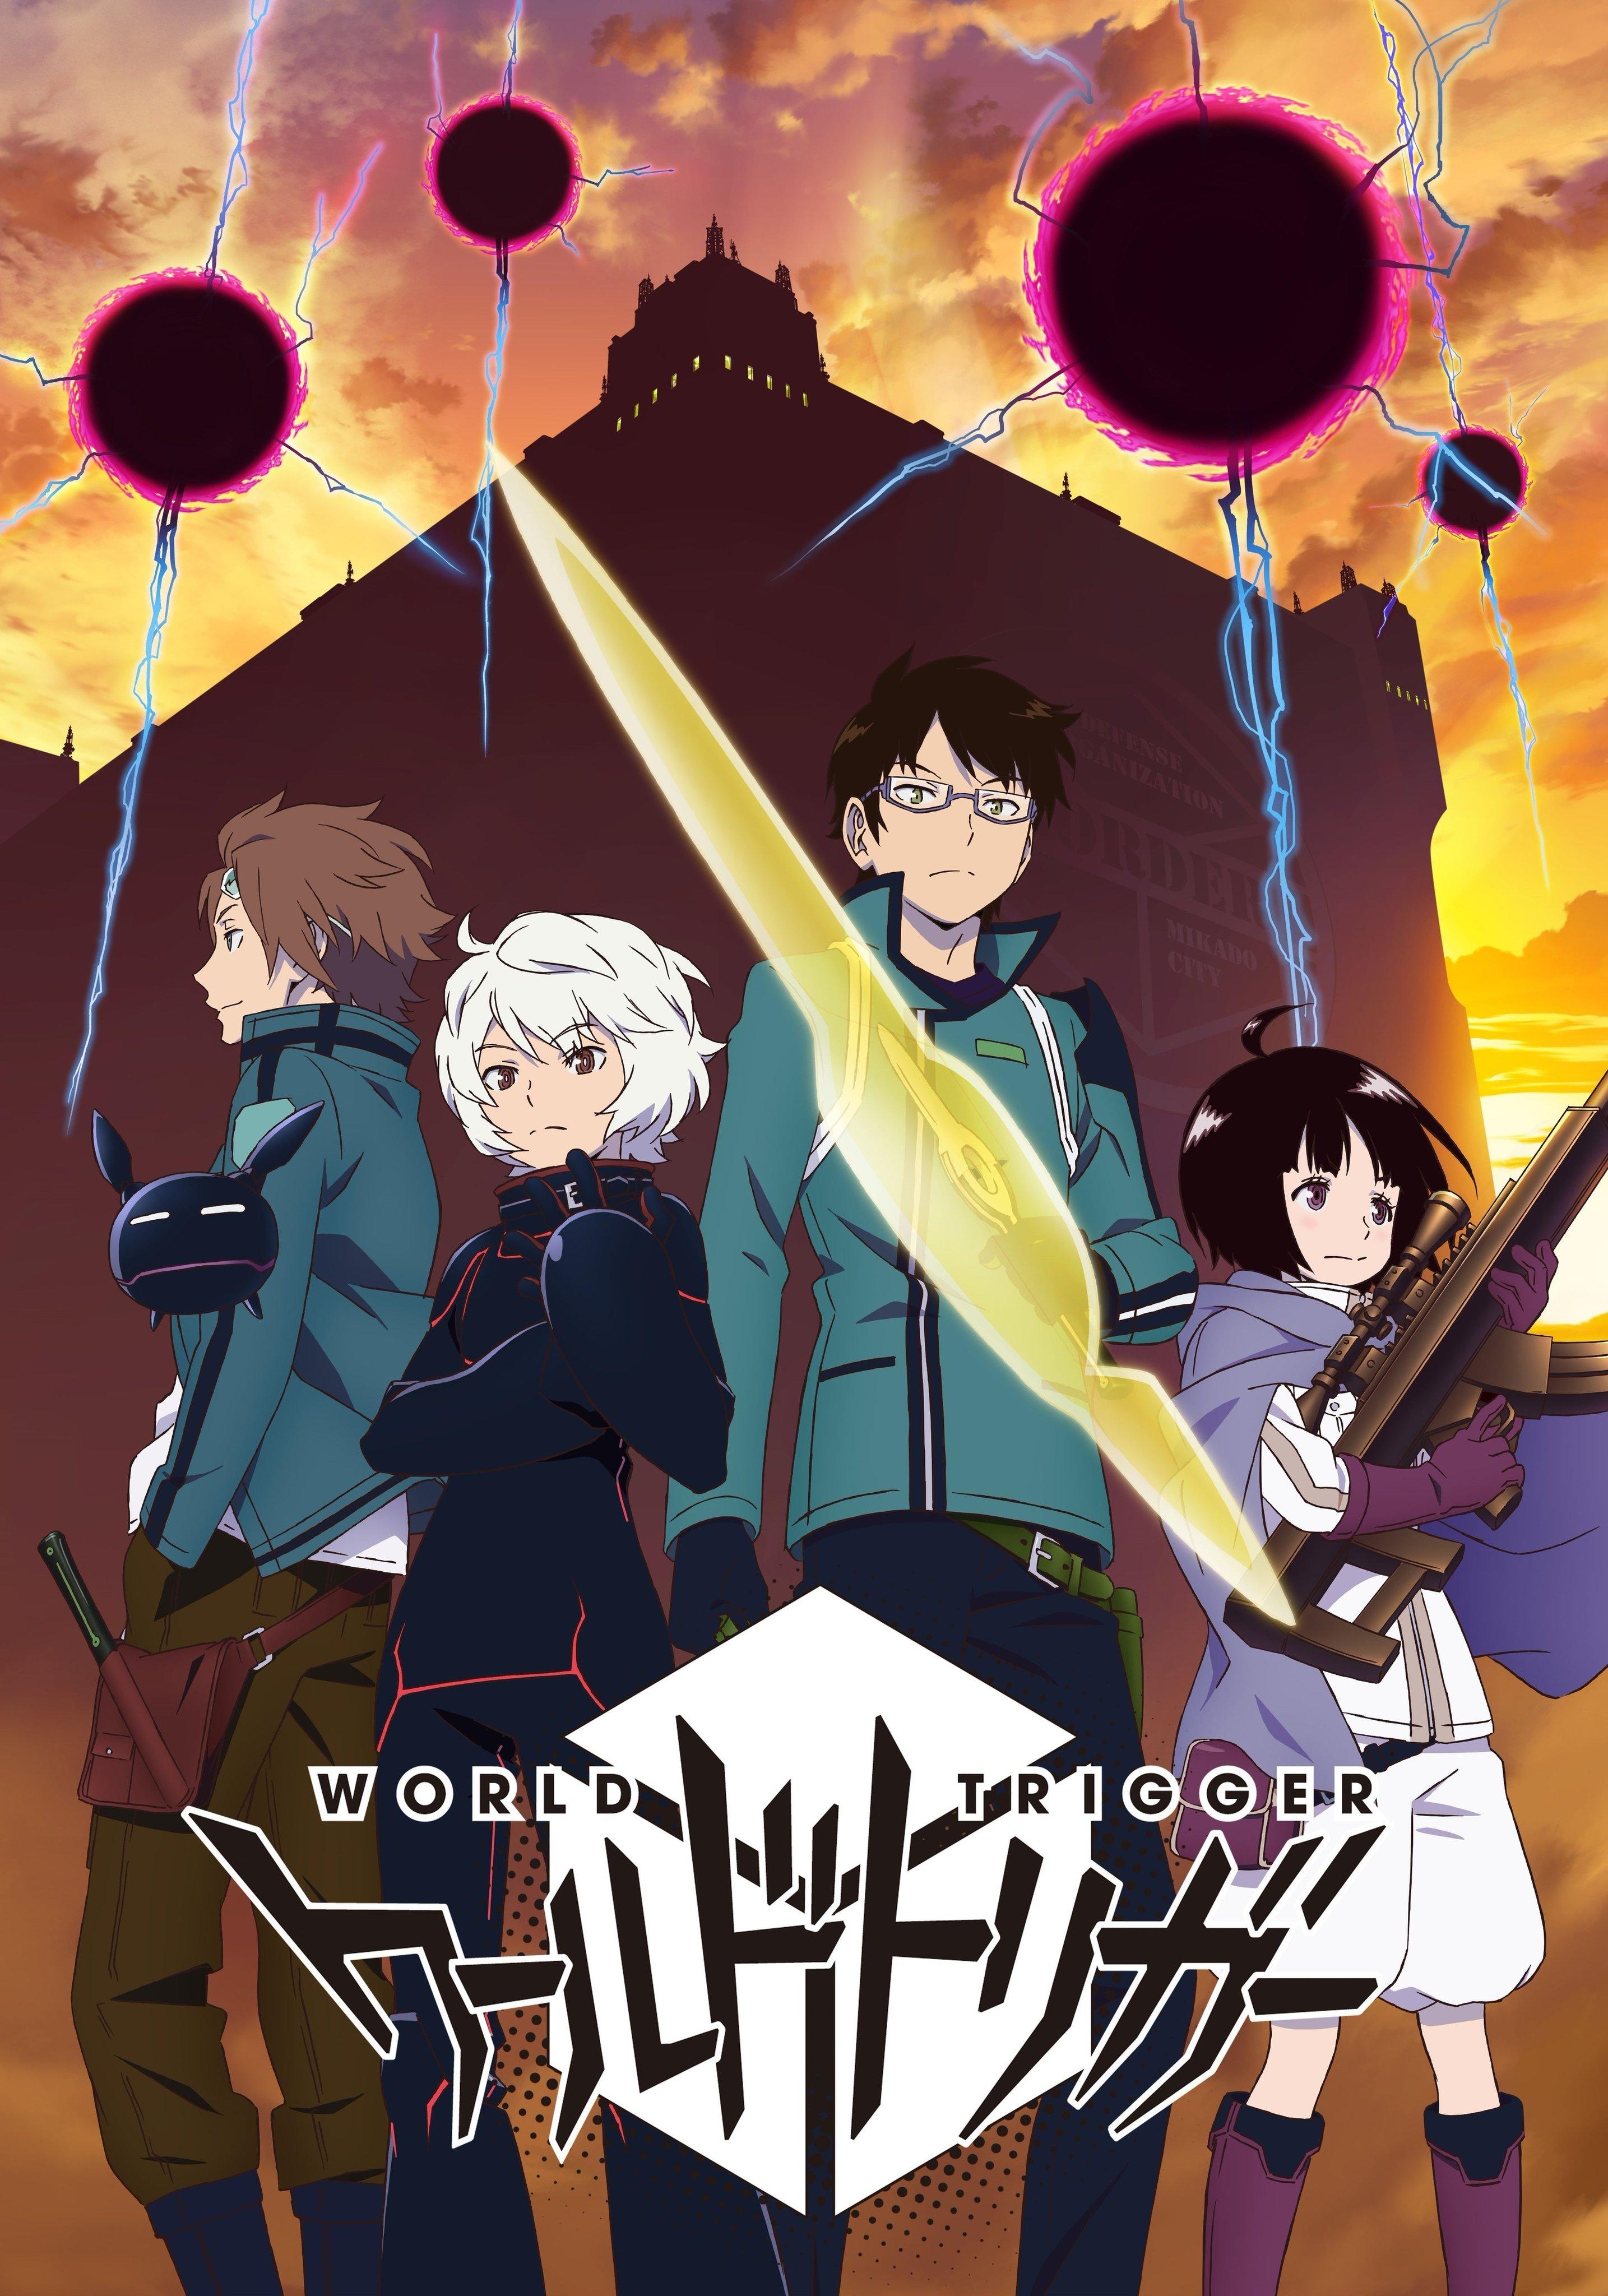 经典名作《境界触发者》第3季新预告 10月9日正式开播